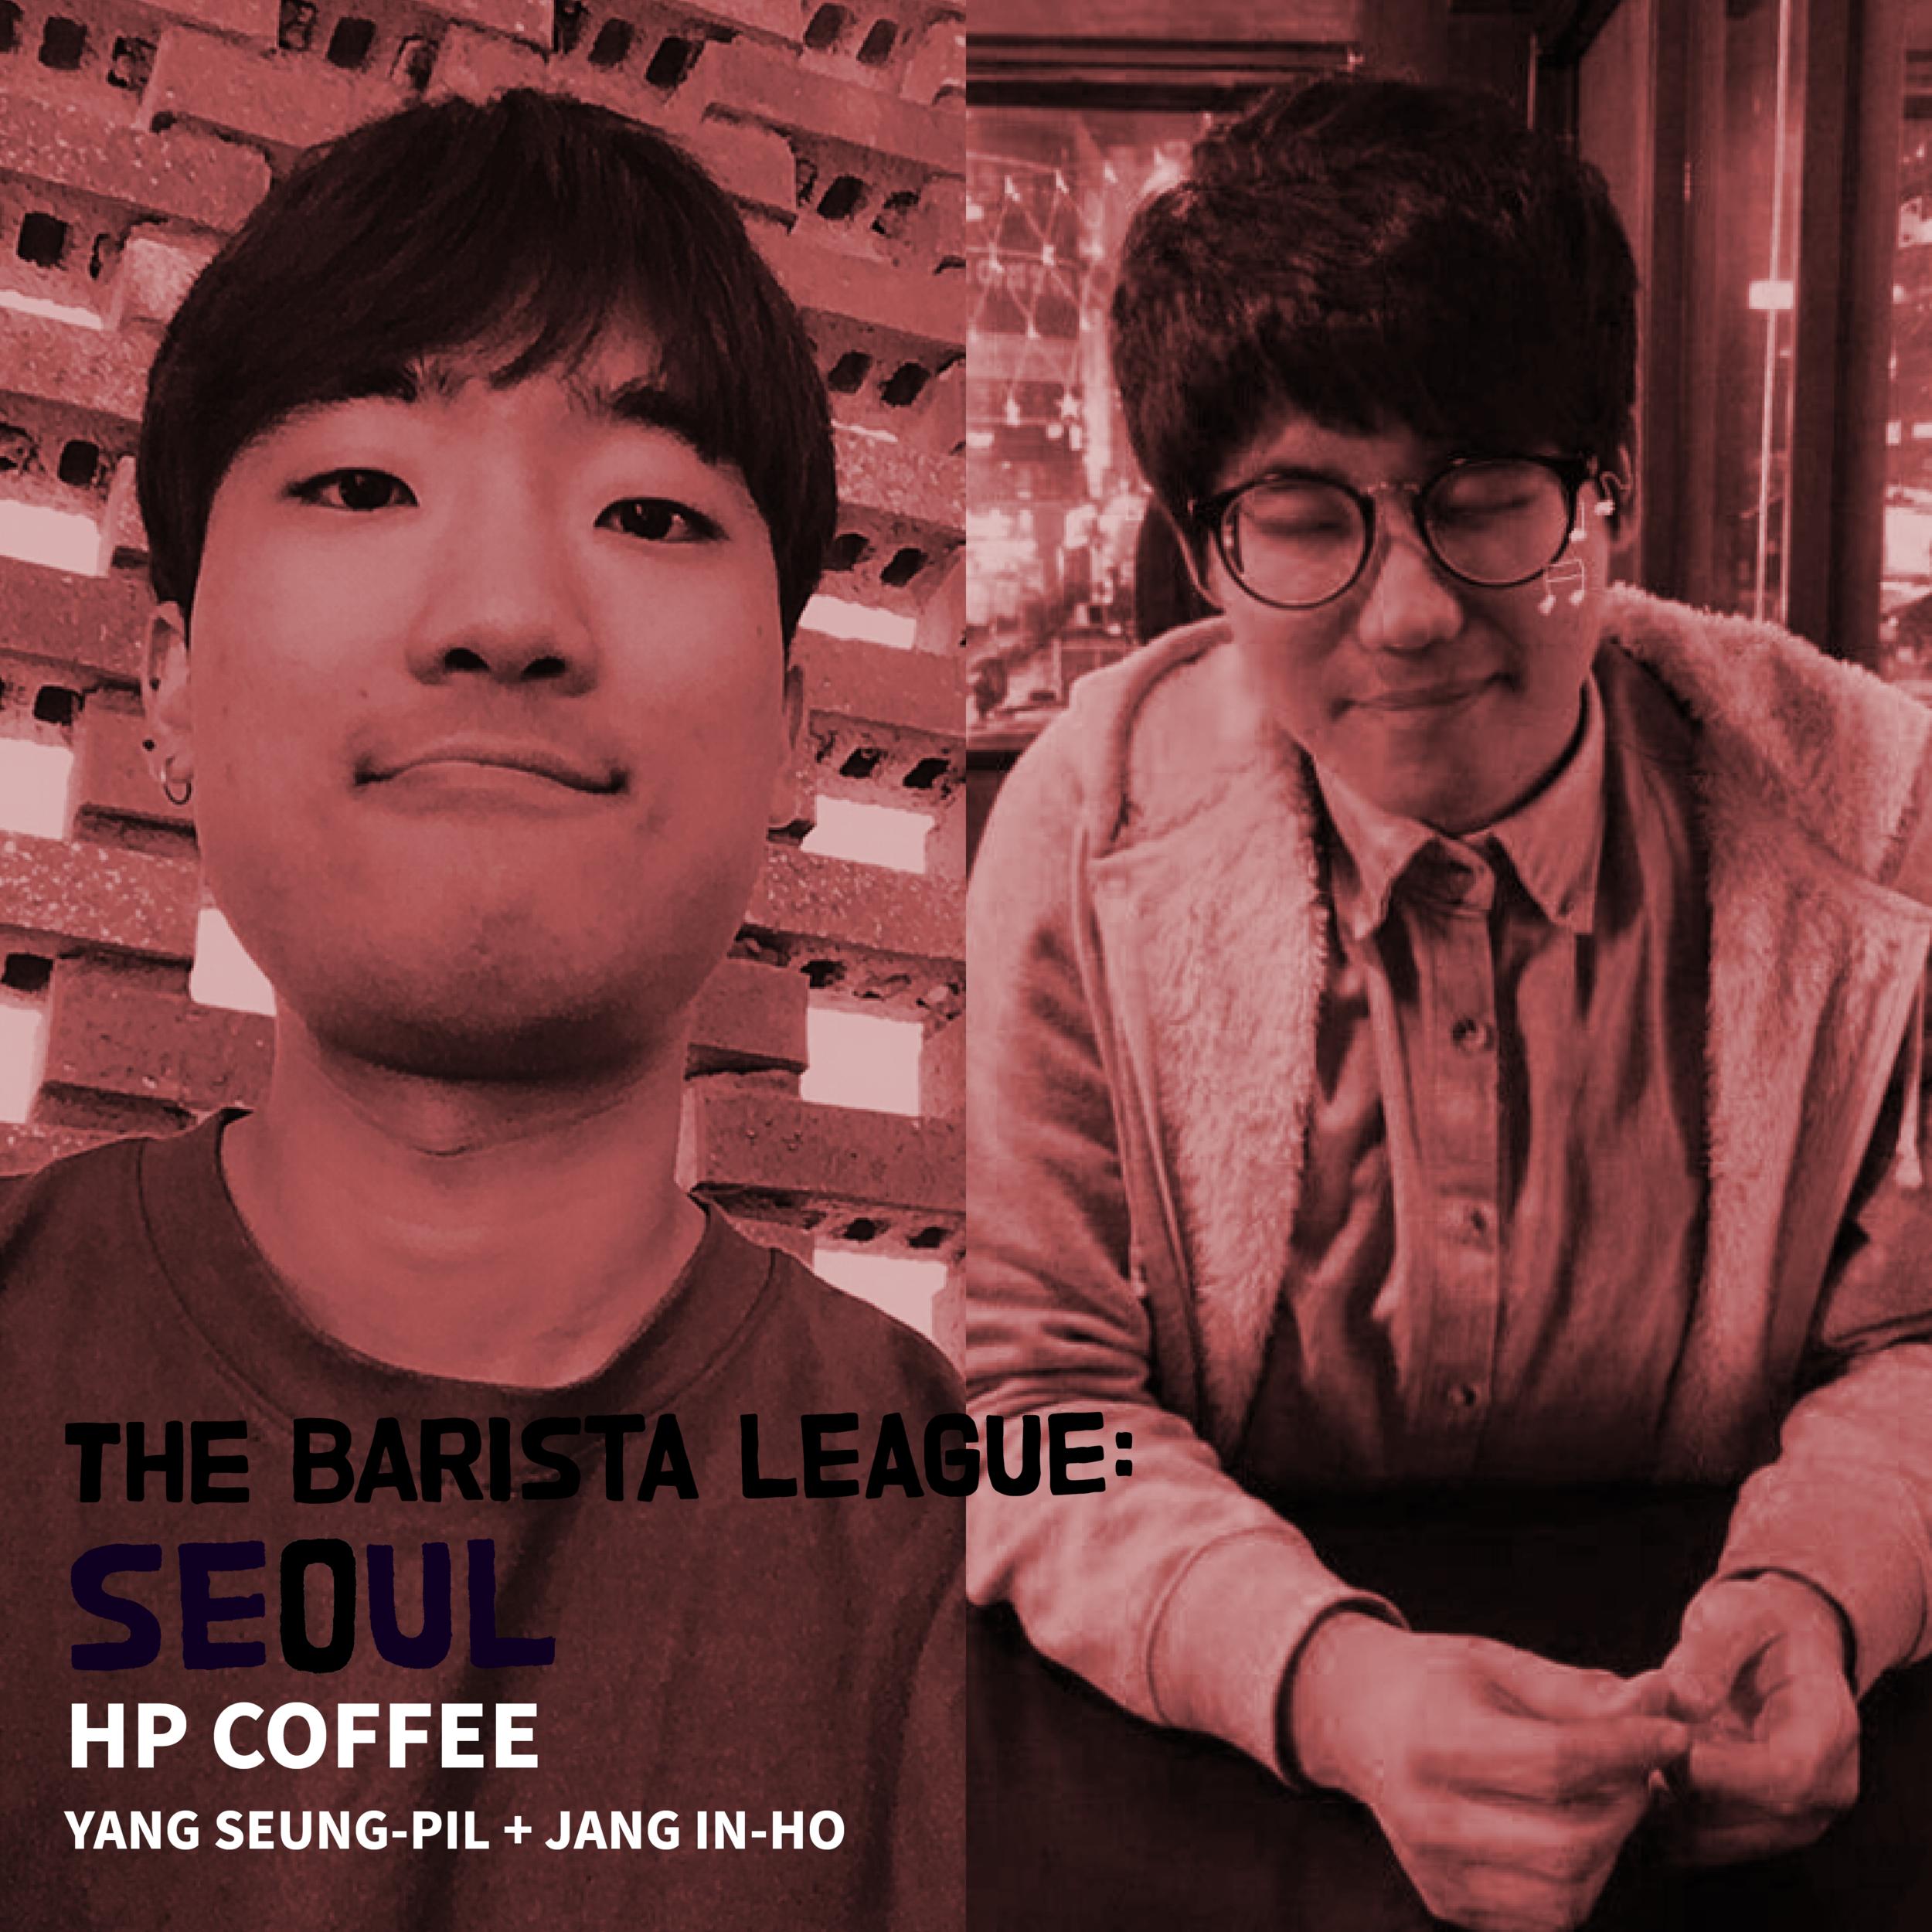 HP COFFEE